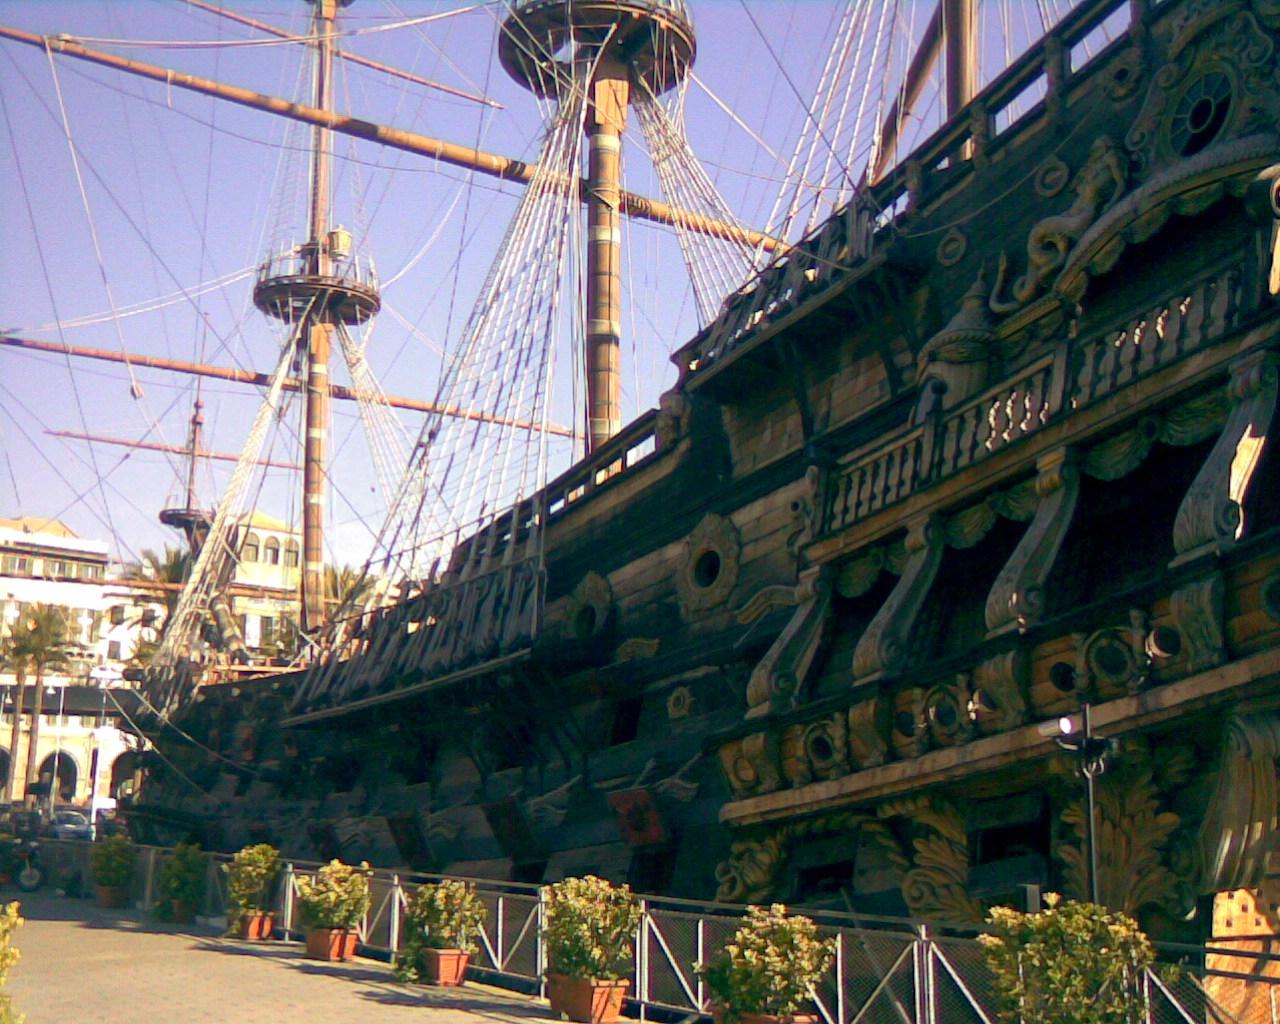 Galeon de Roman Polansky, Puerto Antiguo, Genova, Italia